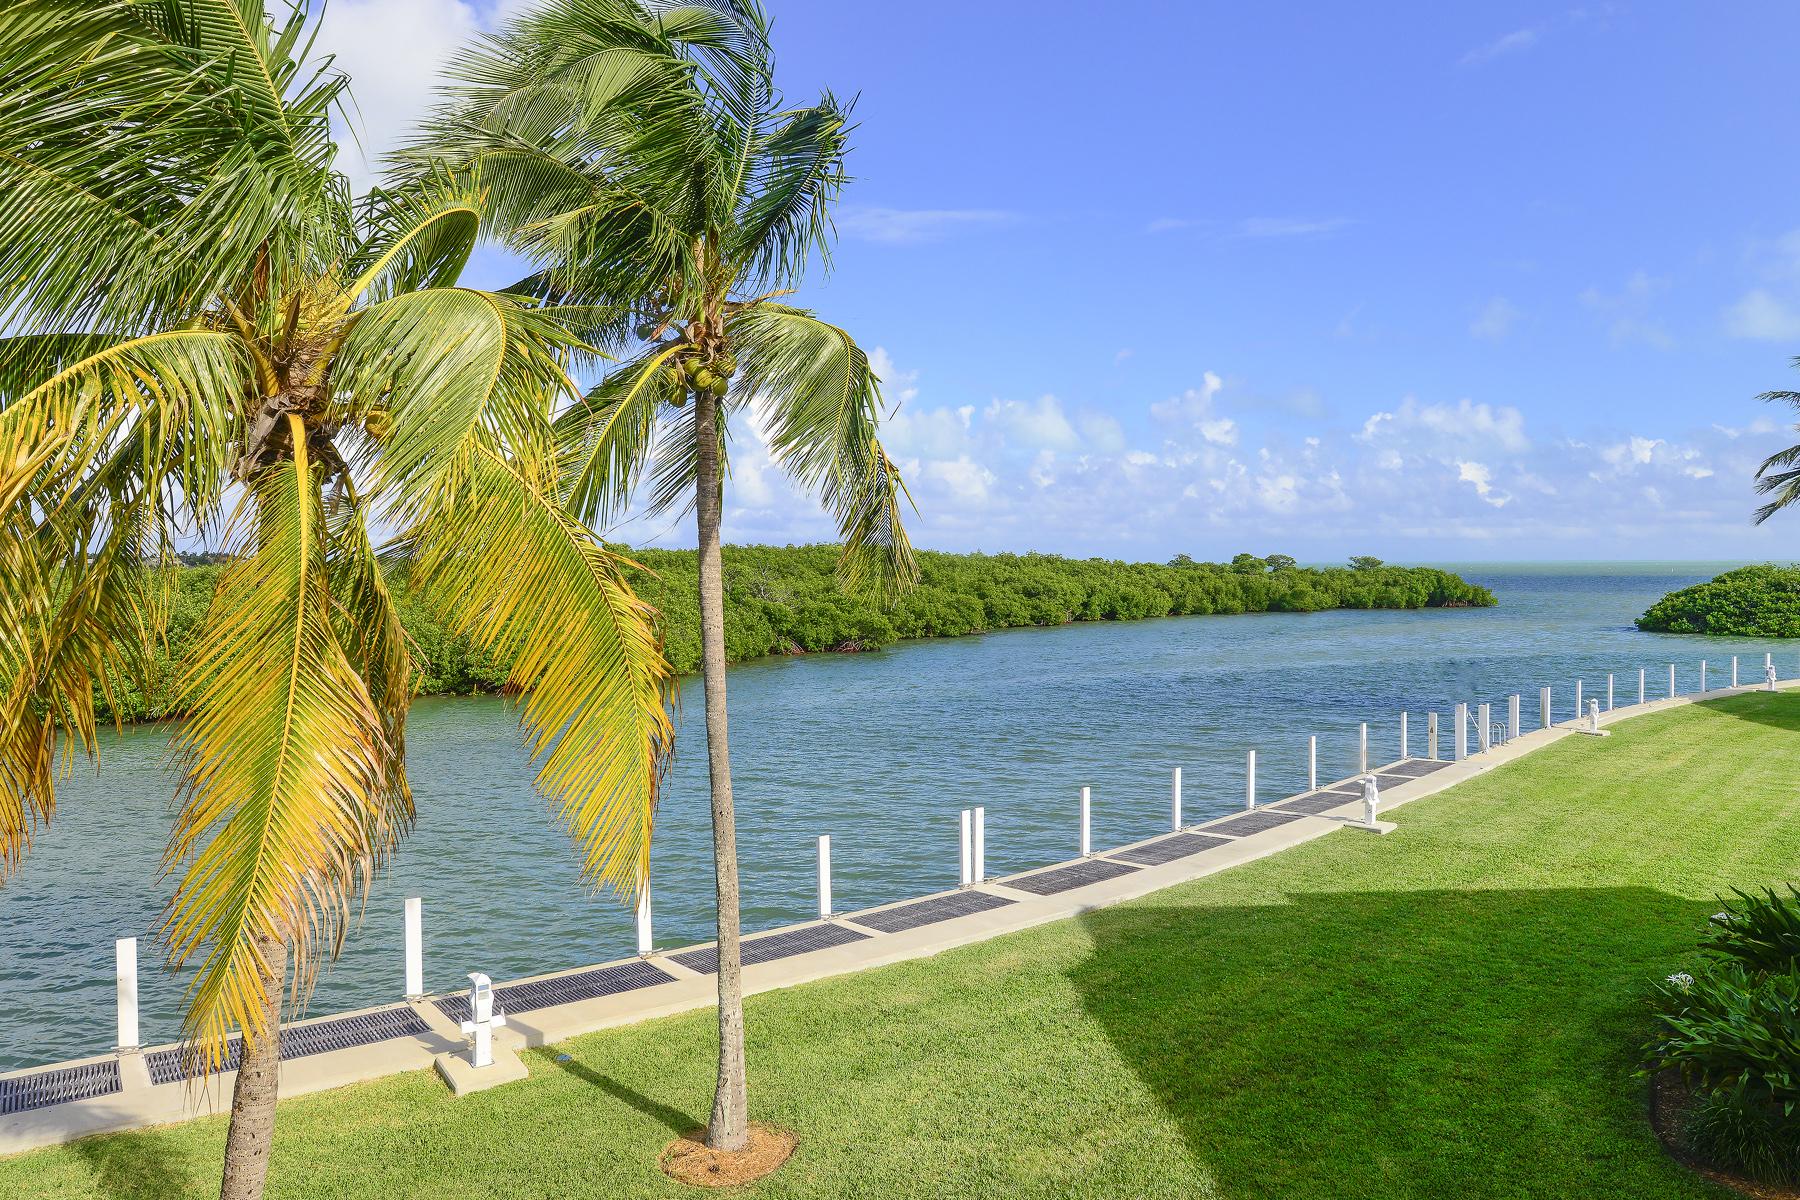 Condominium for Sale at Waterfront Condominium at Ocean Reef 51 Pumpkin Cay Road, Unit B Key Largo, Florida 3037 United States